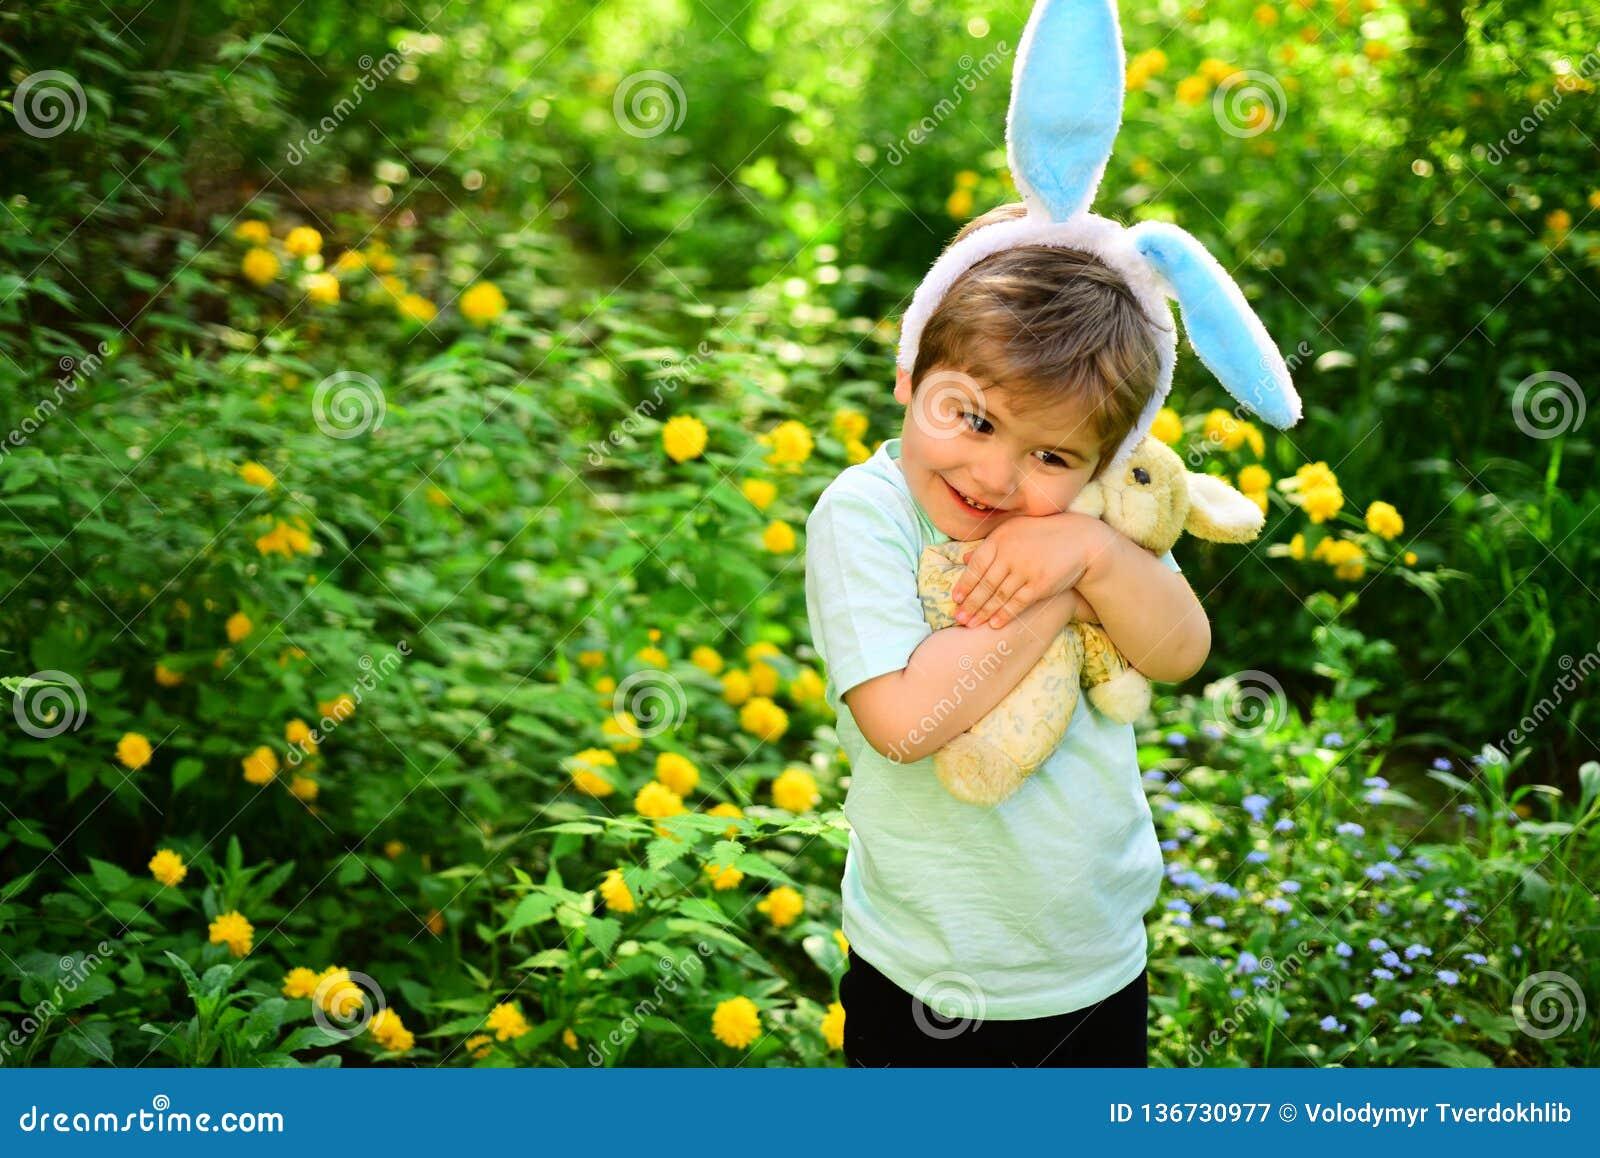 Ребенк кролика с ушами зайчика Игрушка зайцев Охота яйца на празднике весны Влюбленность пасха Праздник семьи Ребенок мальчика в